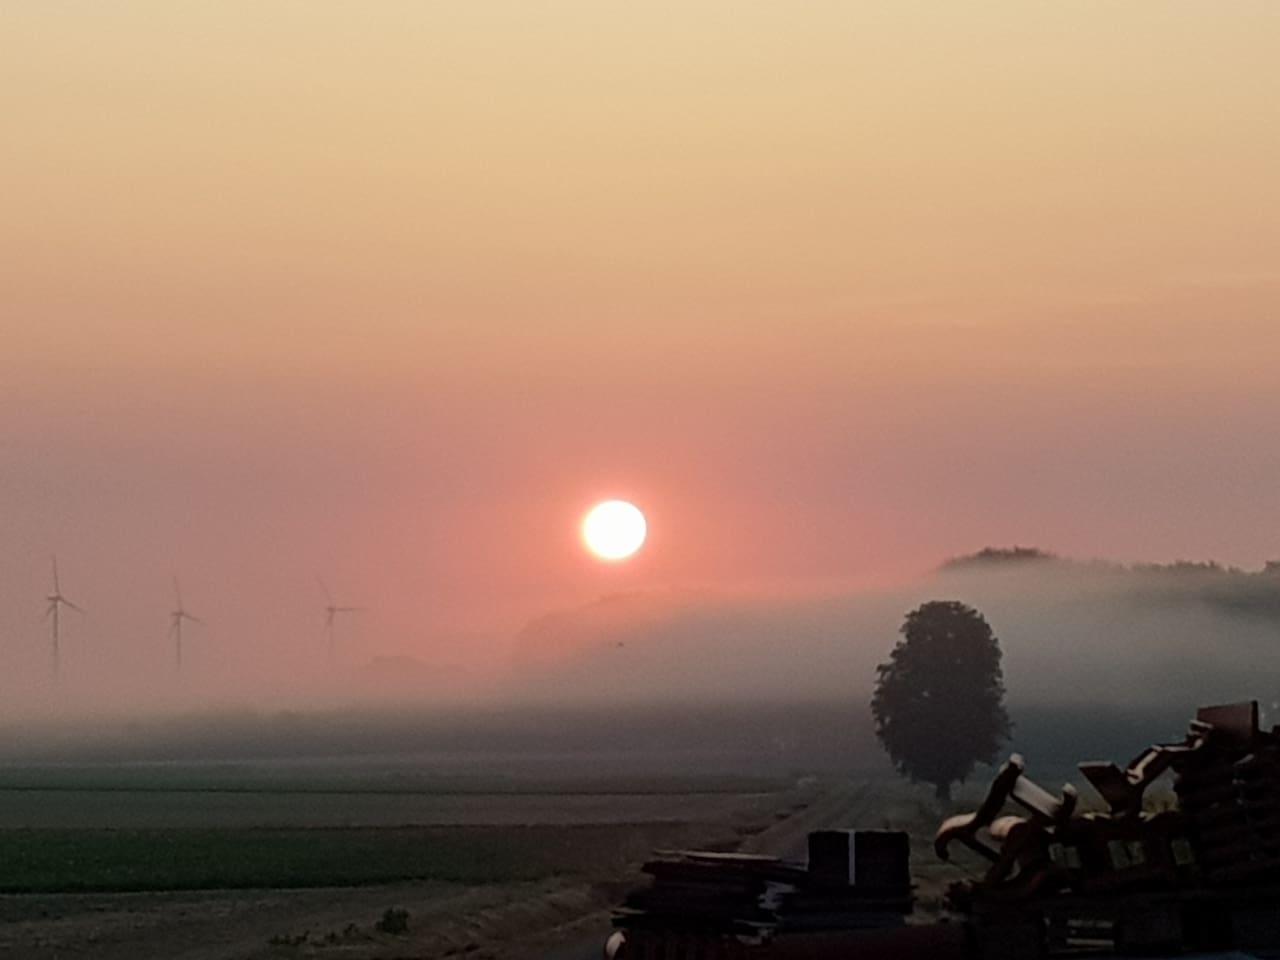 Der wunderschöne Sonnenuntergang vor unserem Haus